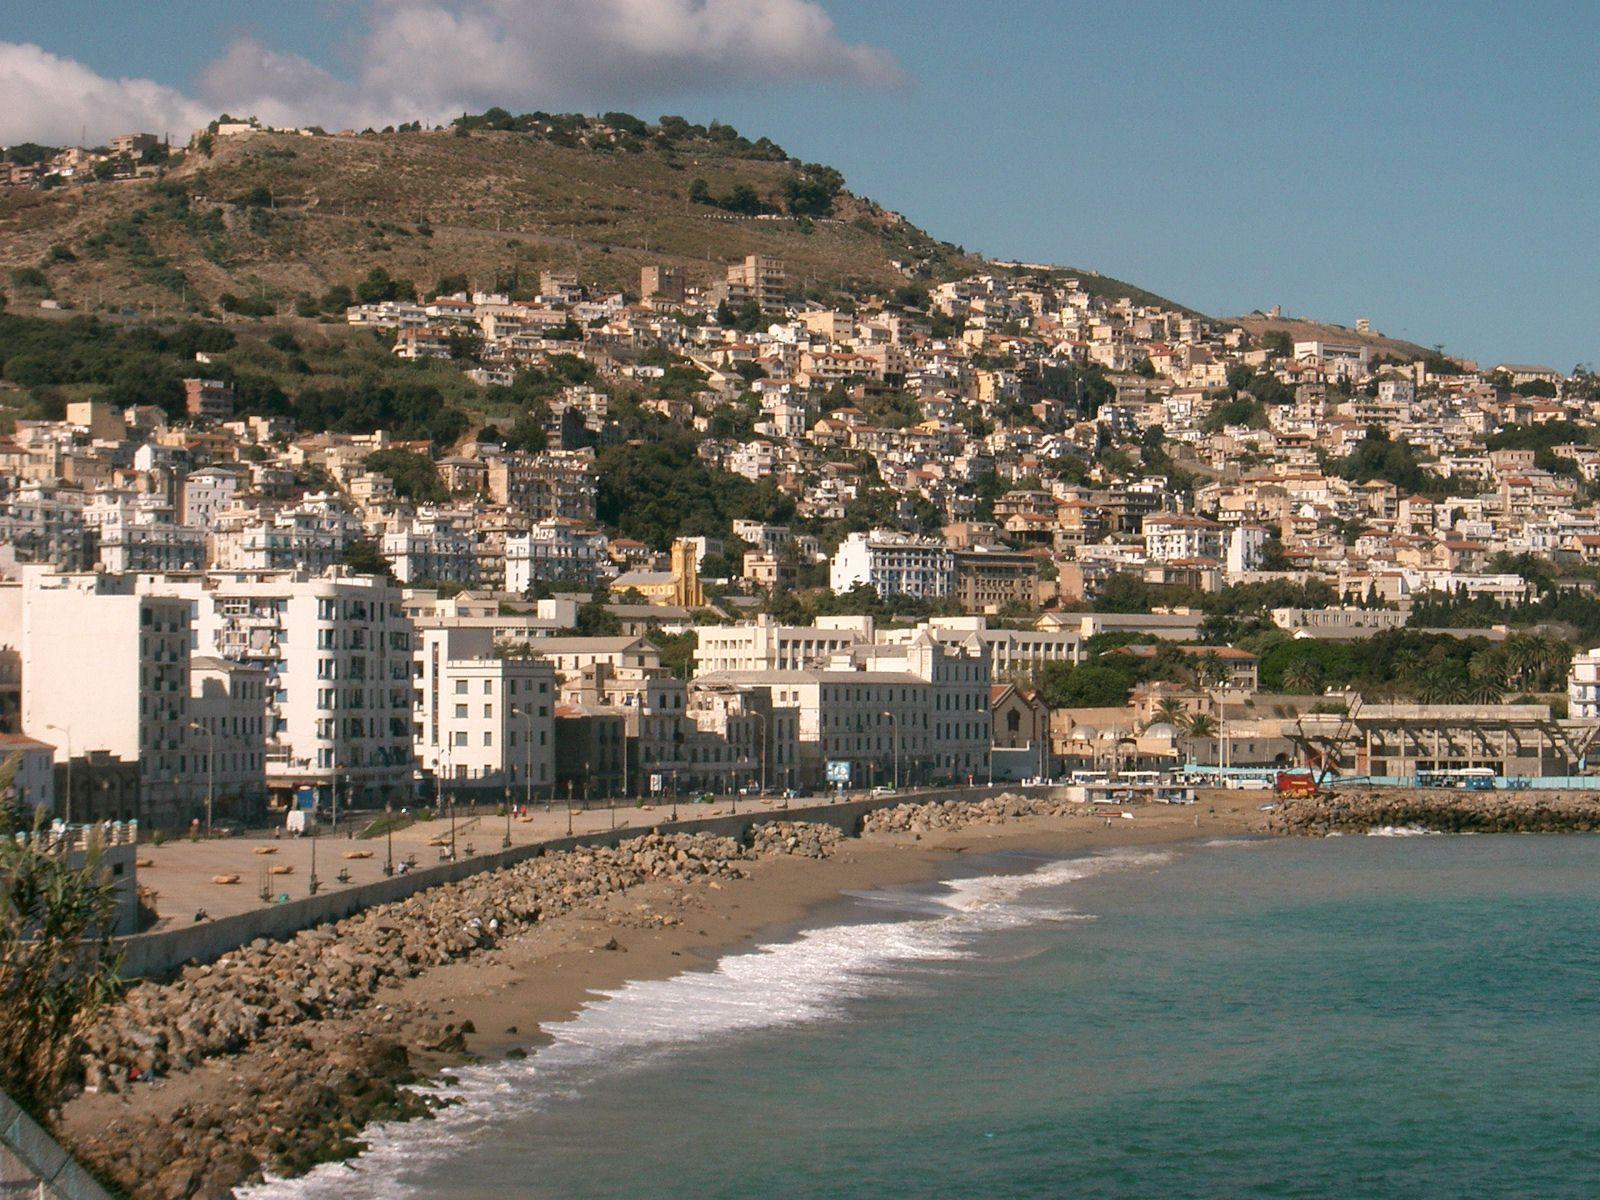 les plages du quartier Bab El-Oued au coeur d'Alger